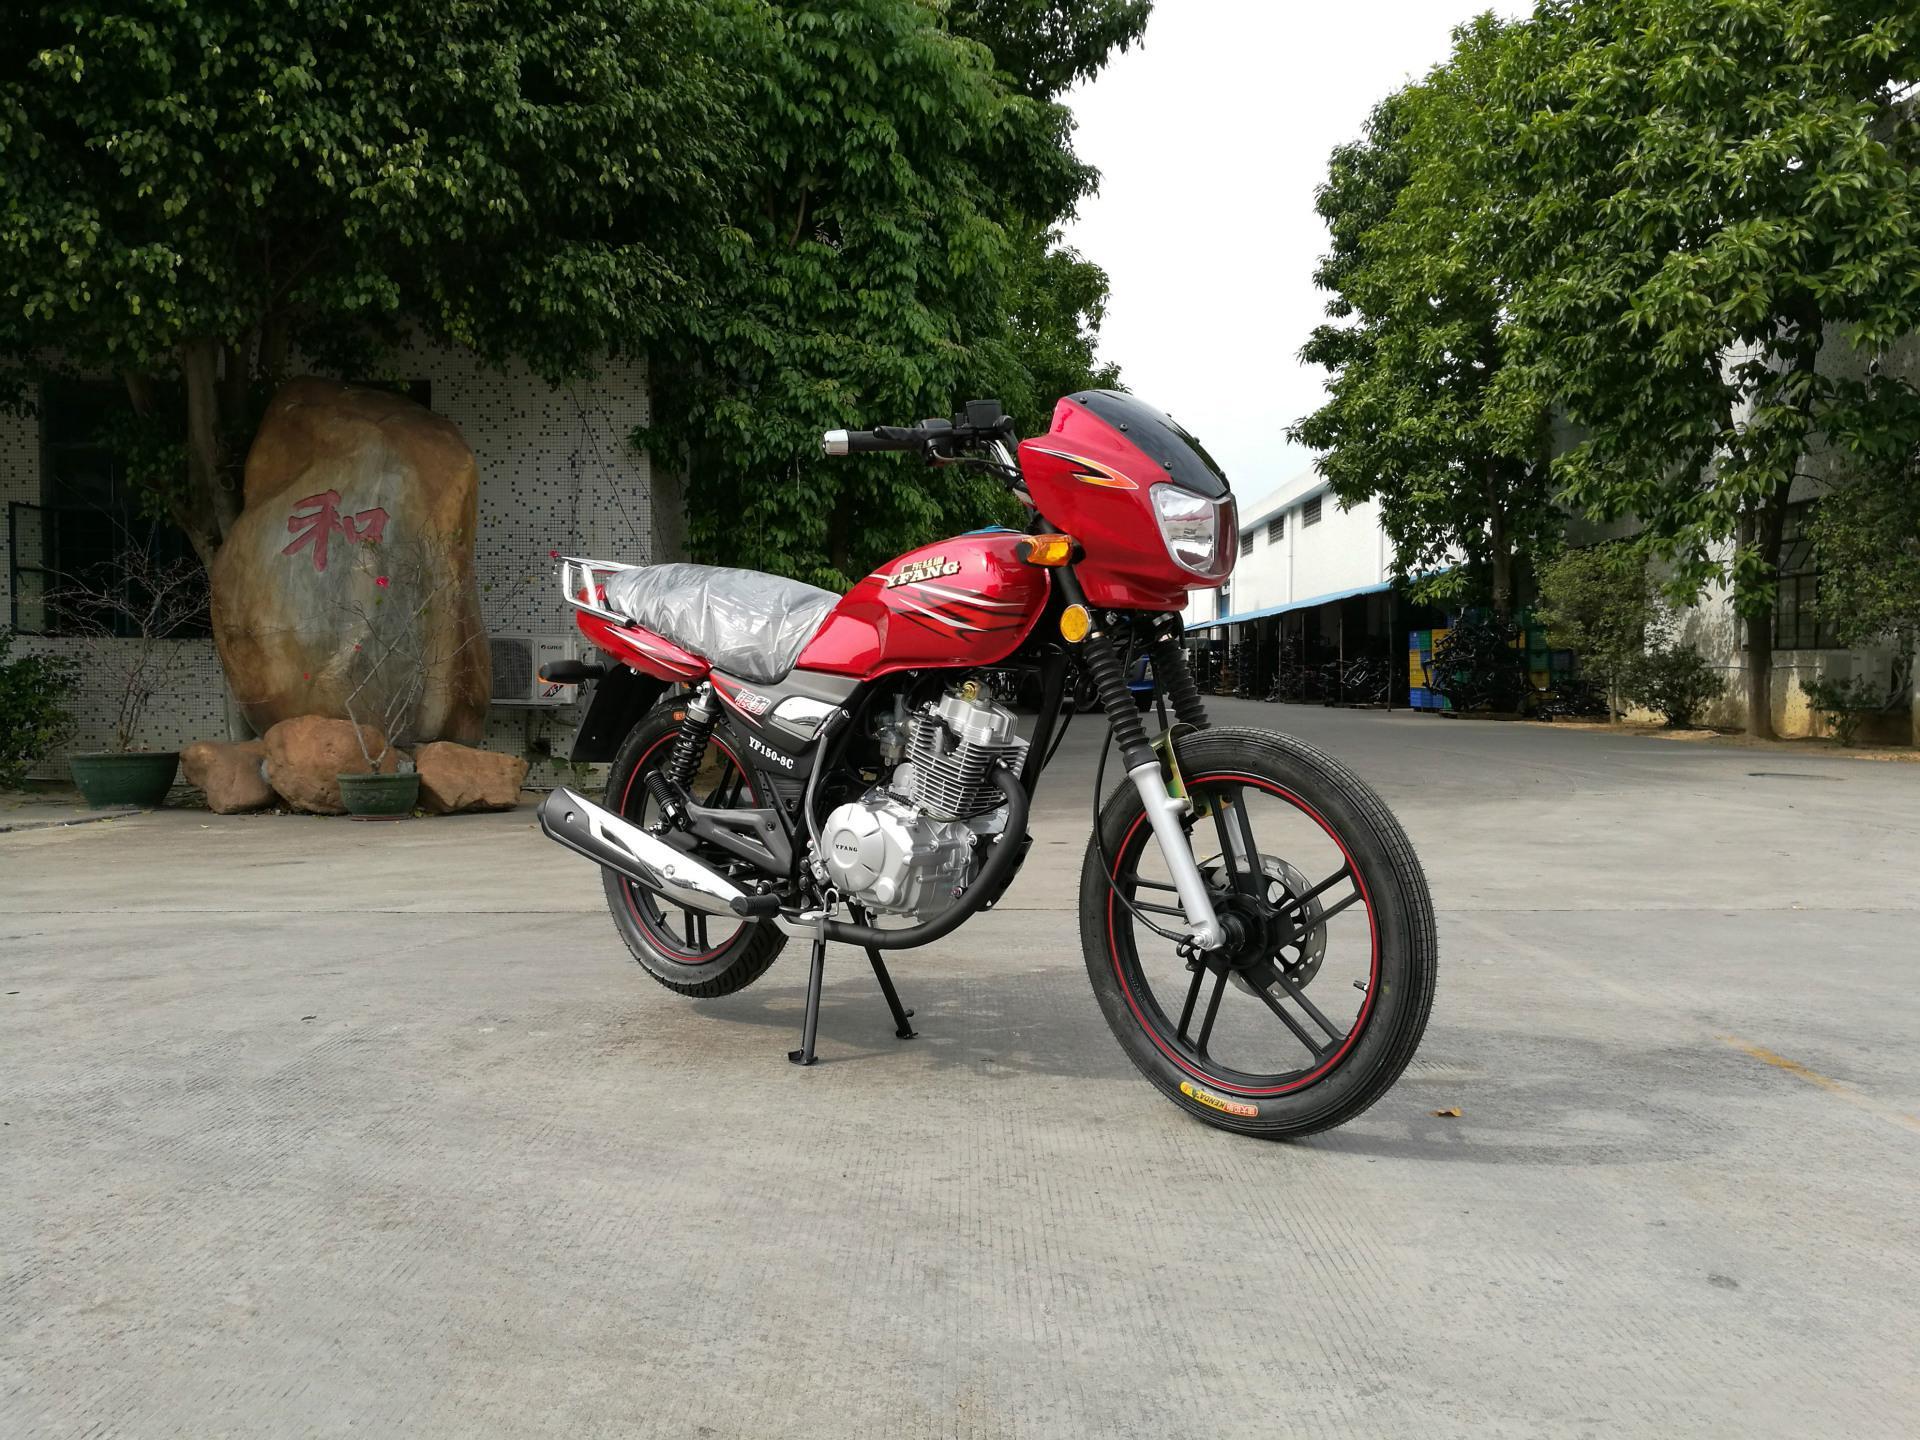 可與鈴木互換的高品質GS125型HJ125-7A銀豹出口摩托車 5